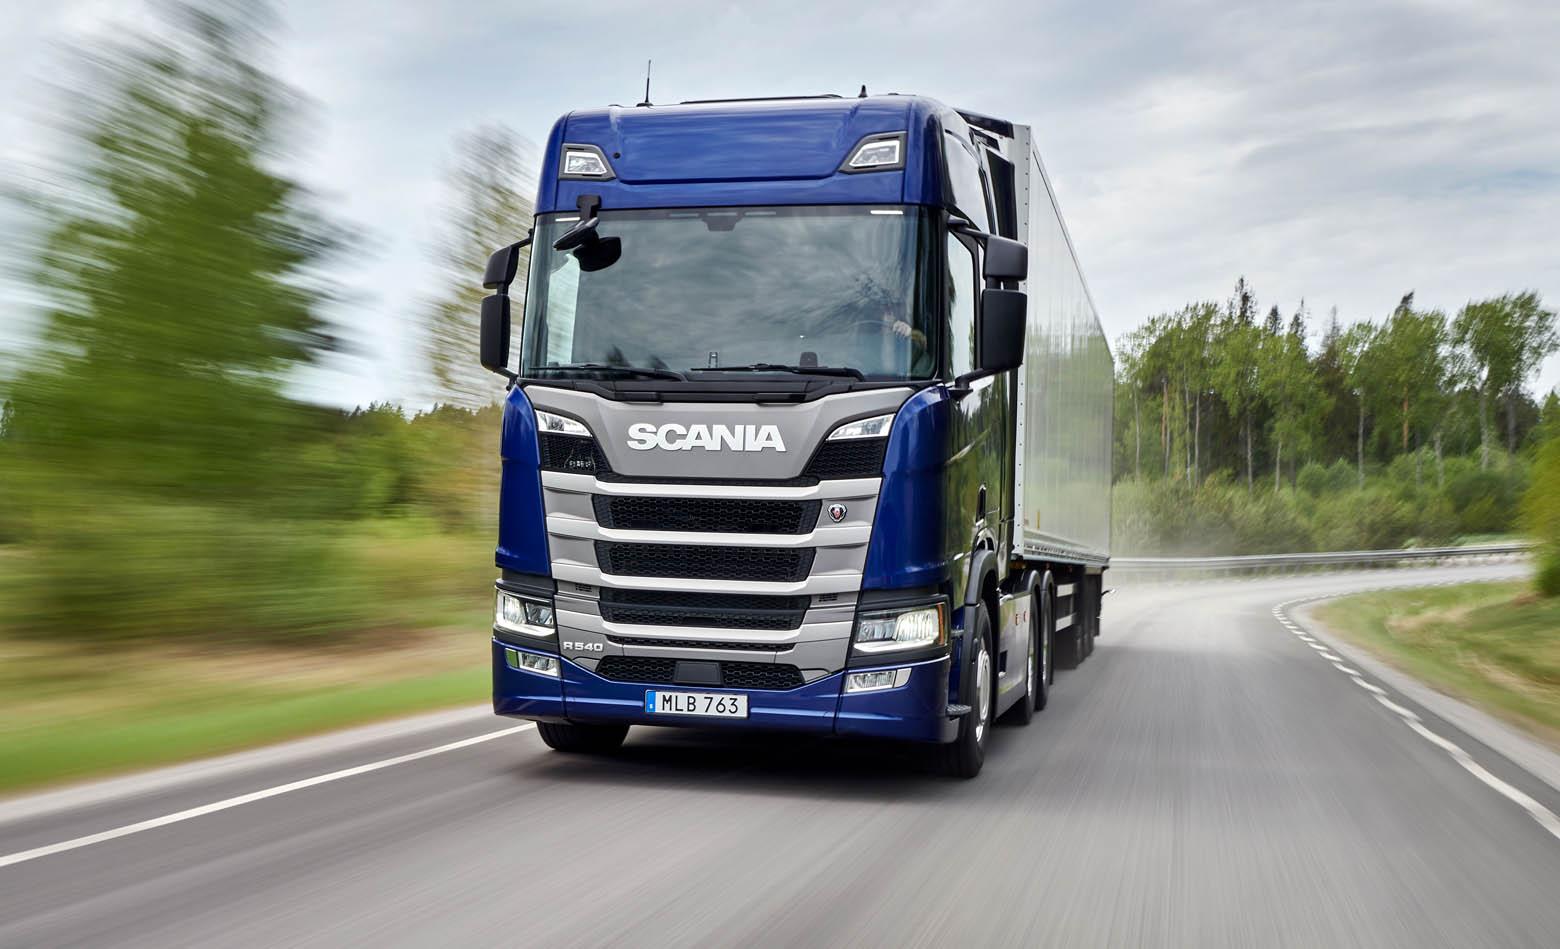 Novi Scania motor s 540 KS